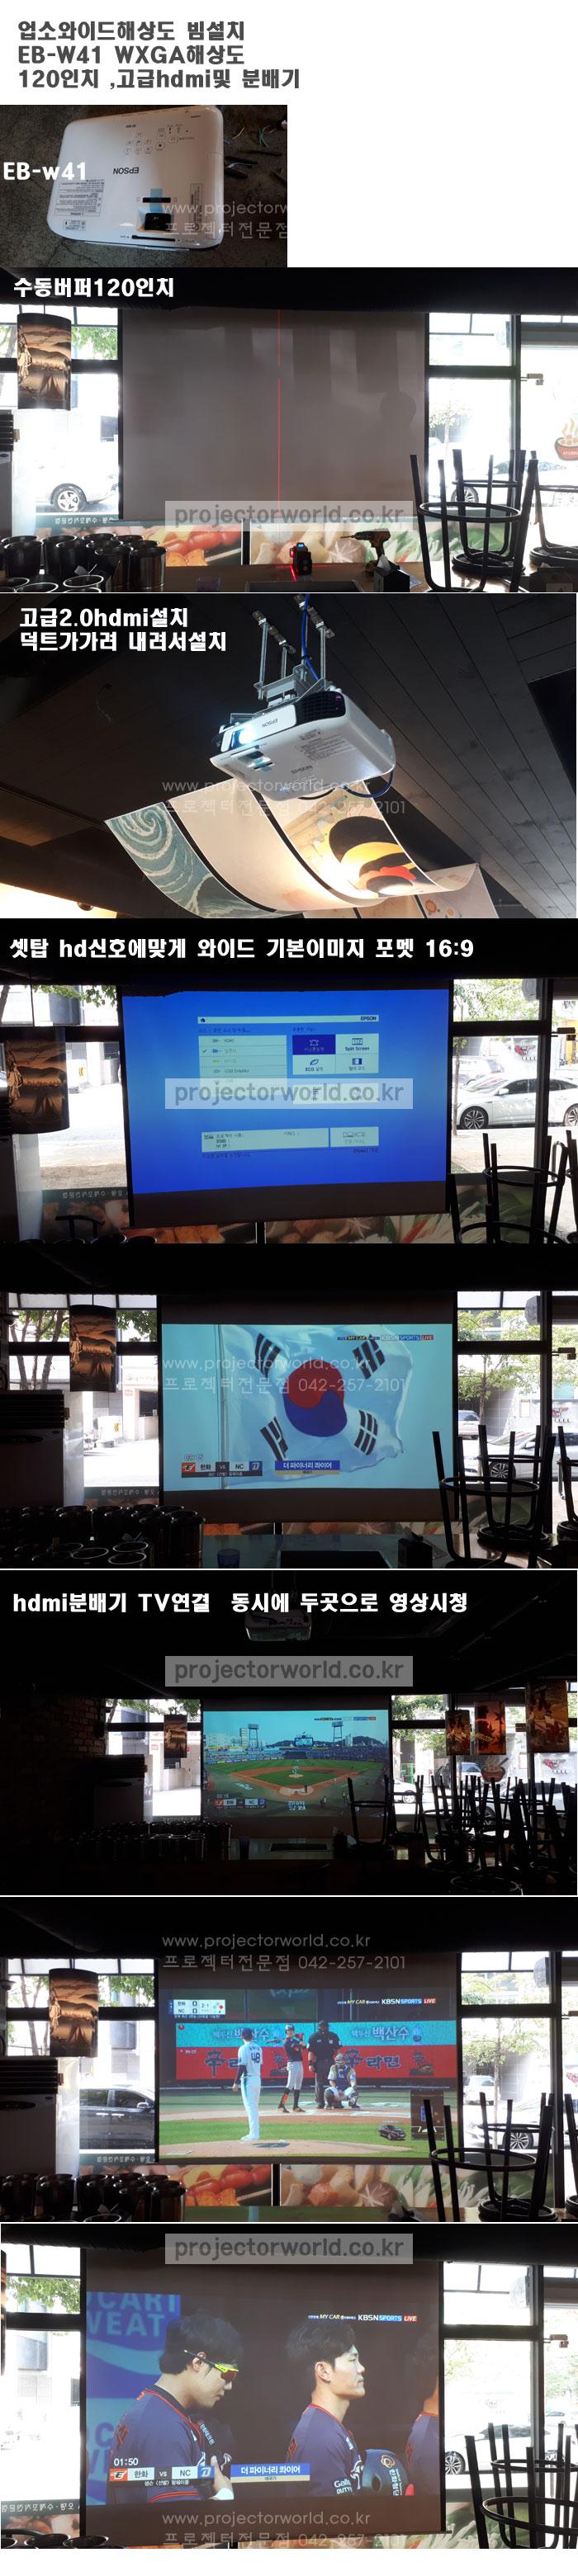 eb-w41,관평동시부야오뎅빔스크린,대전프로젝터,대전와이드스크린,